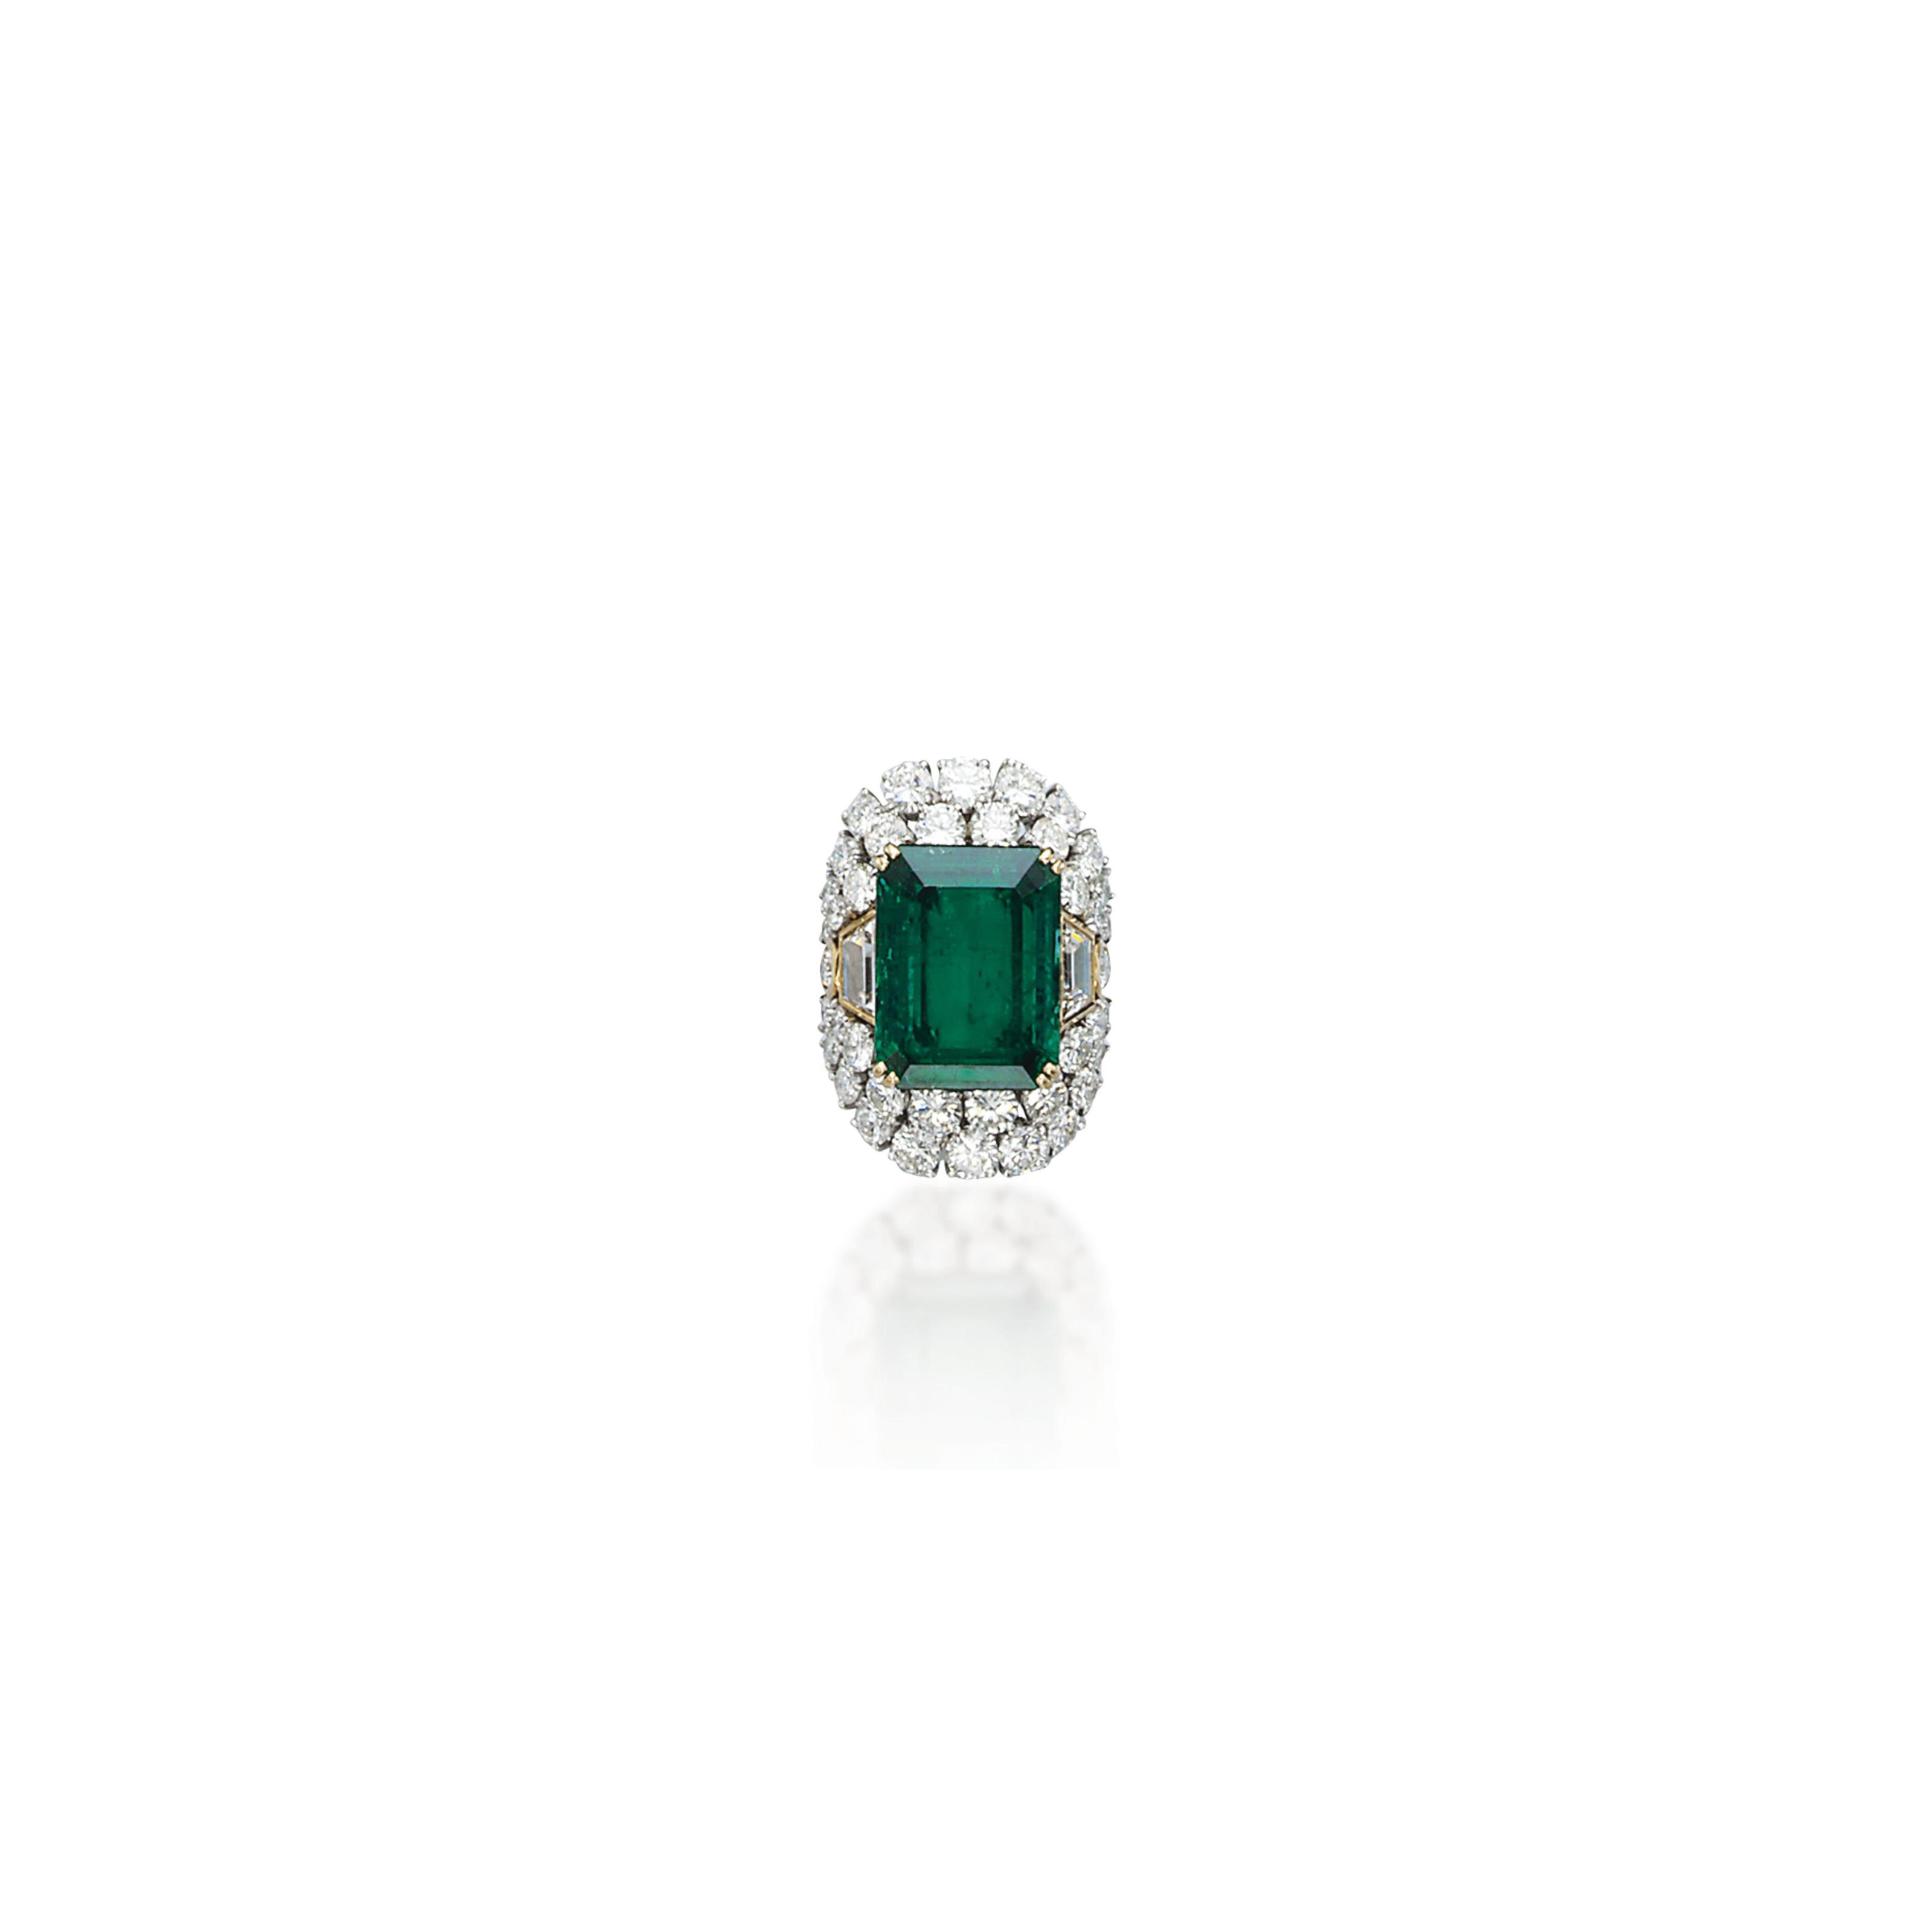 A FINE EMERALD AND DIAMOND RING, BY REPOSSI